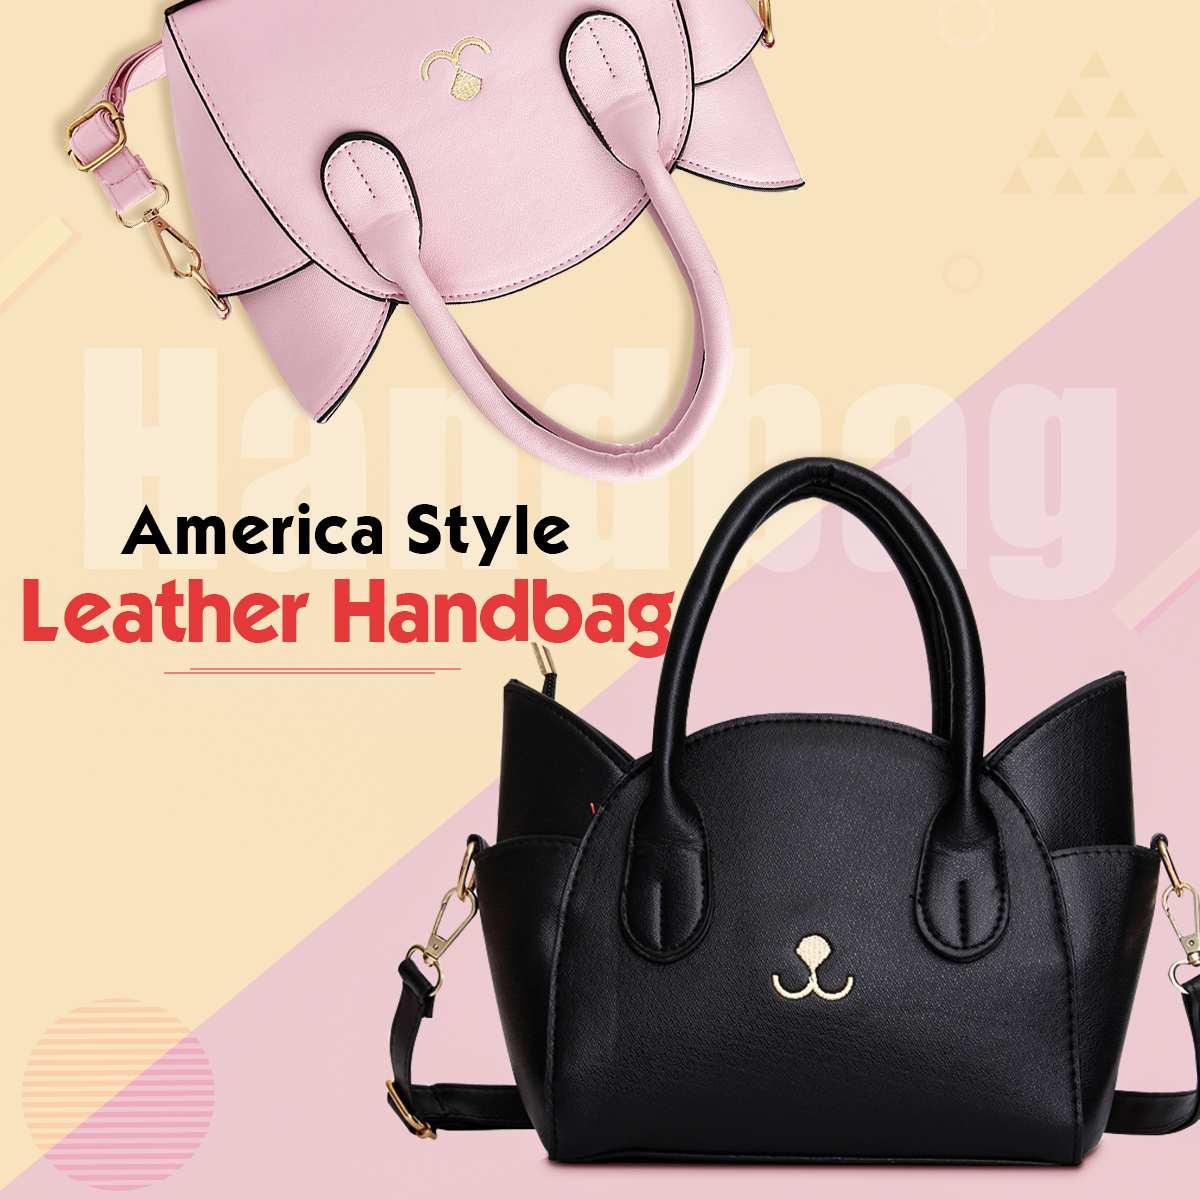 ¡Novedad de 2019! Bonitos bolsos de mano de piel sintética de estilo moderno, bolso de hombro grande con alas, bolso mensajero de gato, bolso de alta calidad